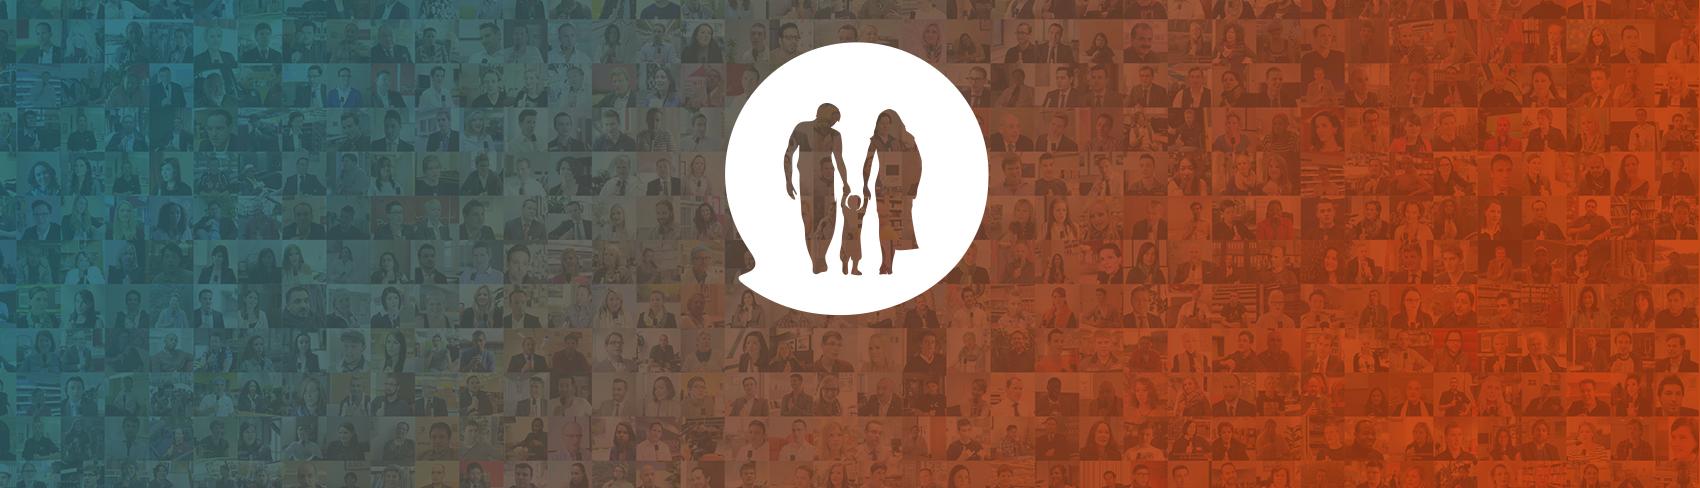 Interkulturalität, Inspiration und Mut – Powerfrauen mit Migrationshintergrund